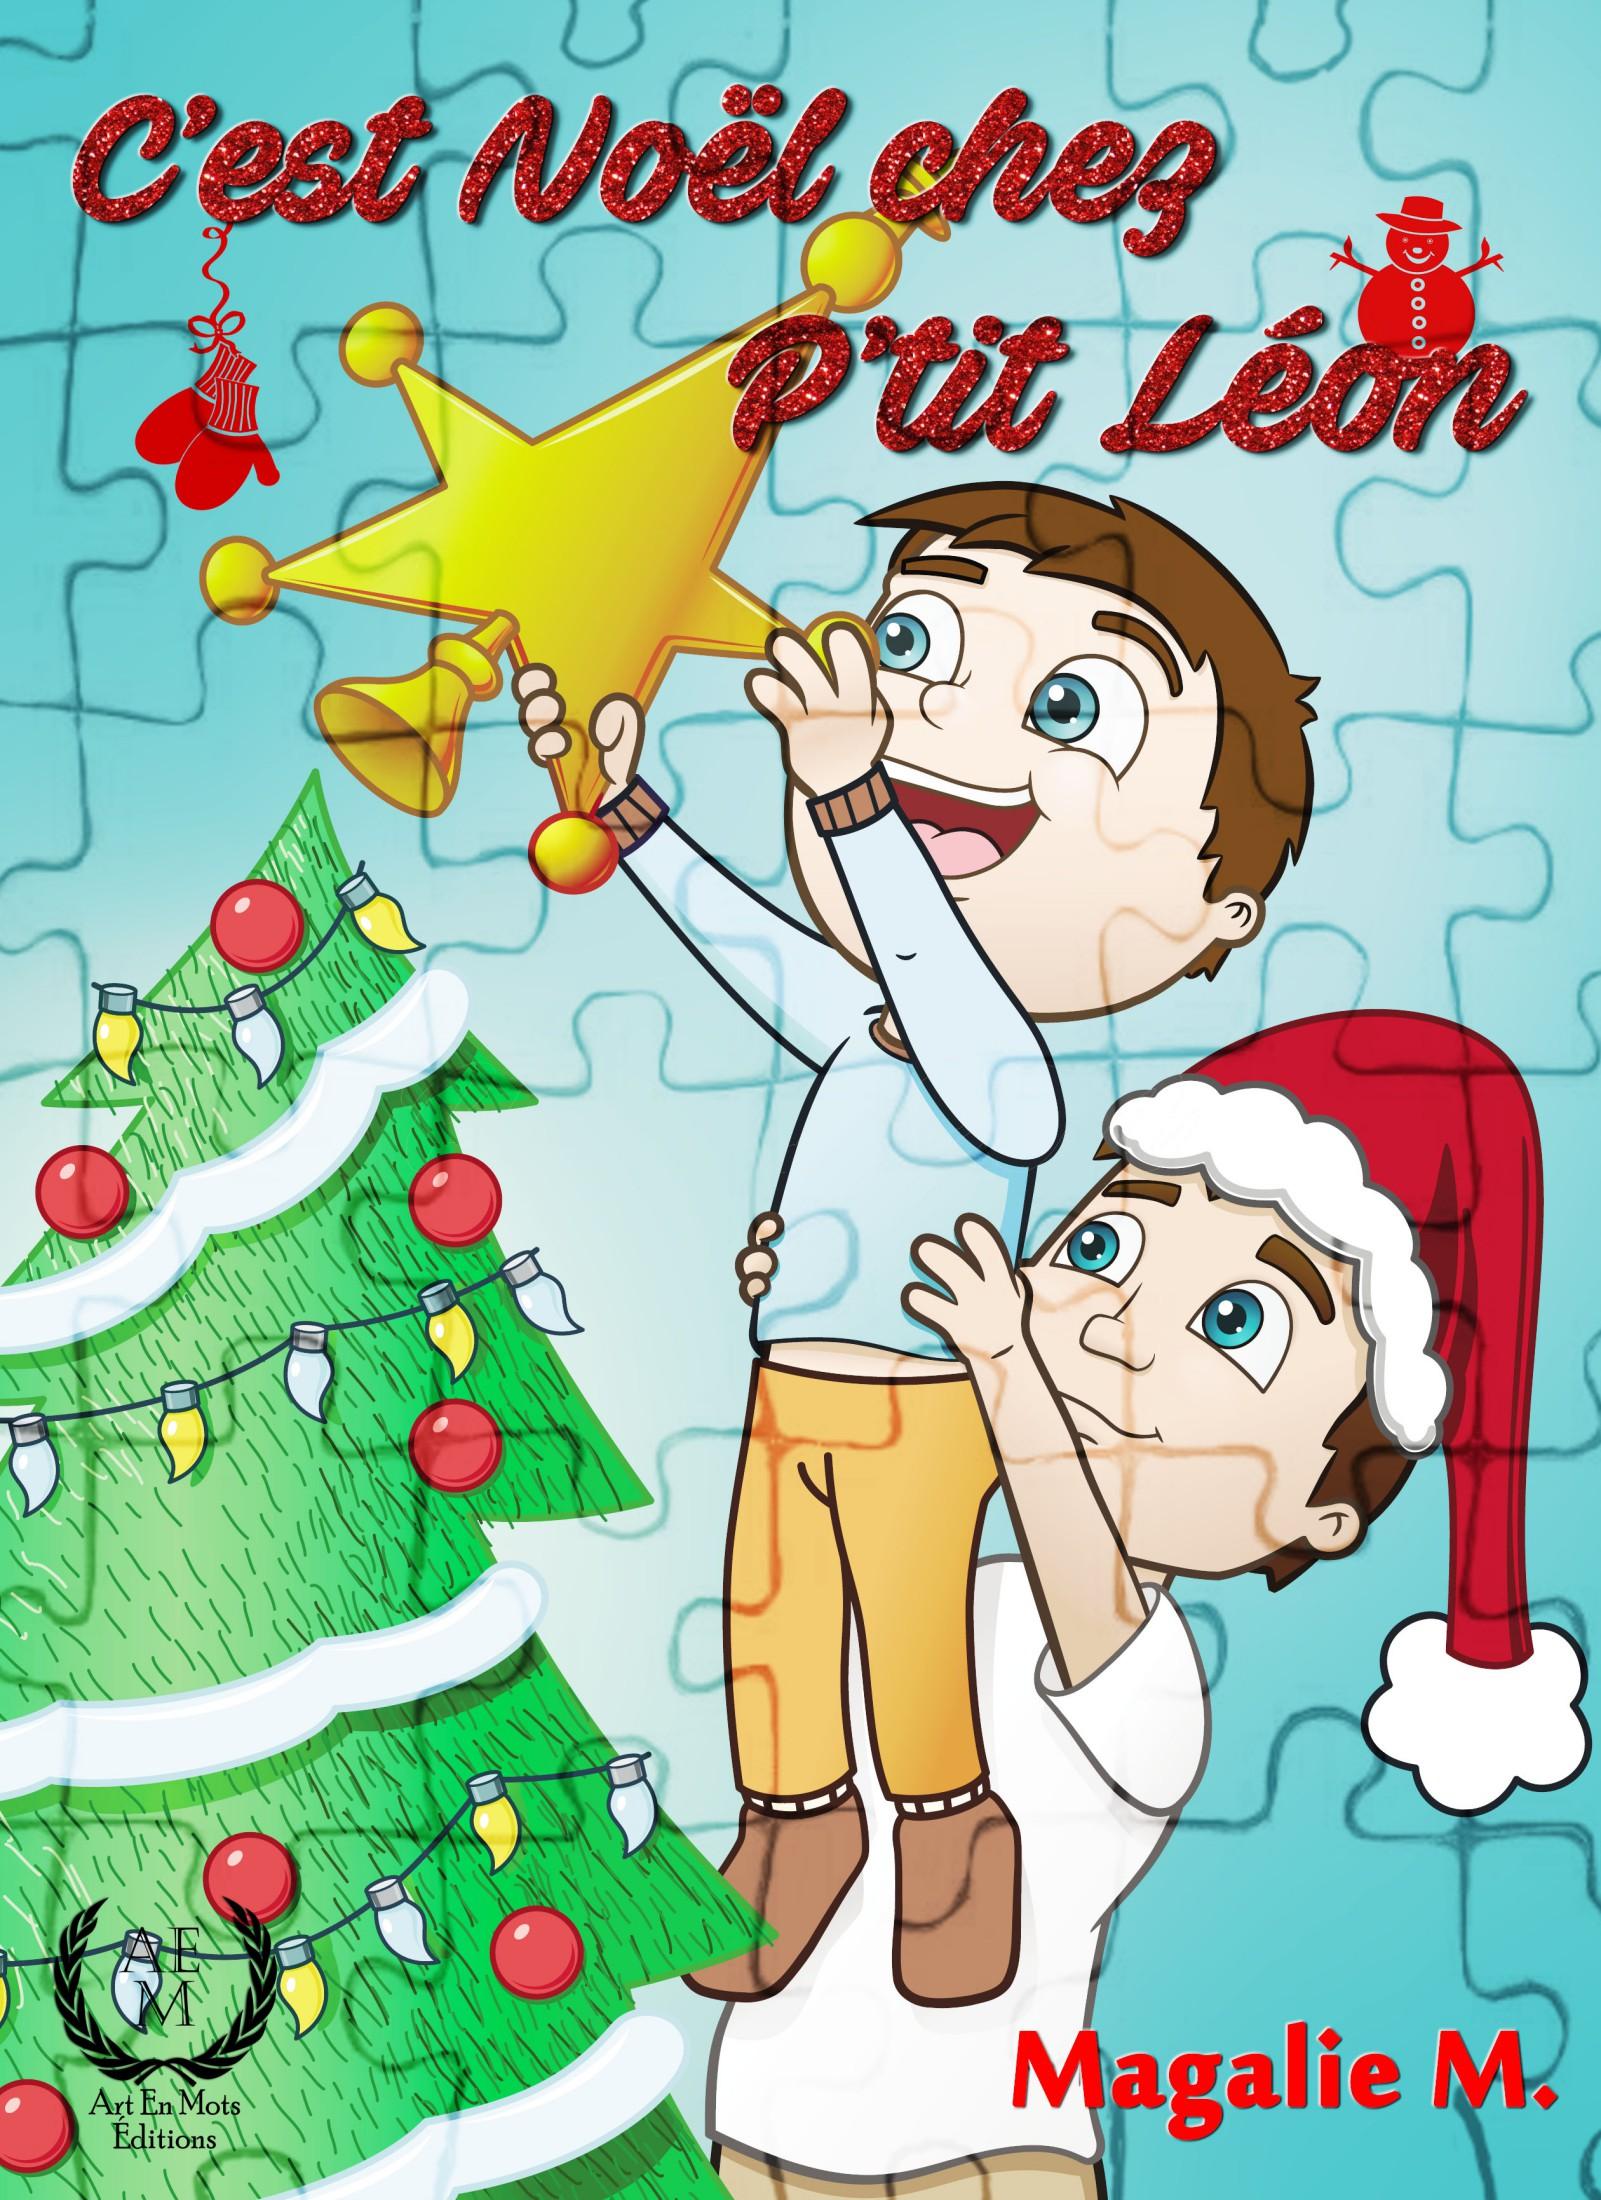 C'est Noël chez P'tit Léon!